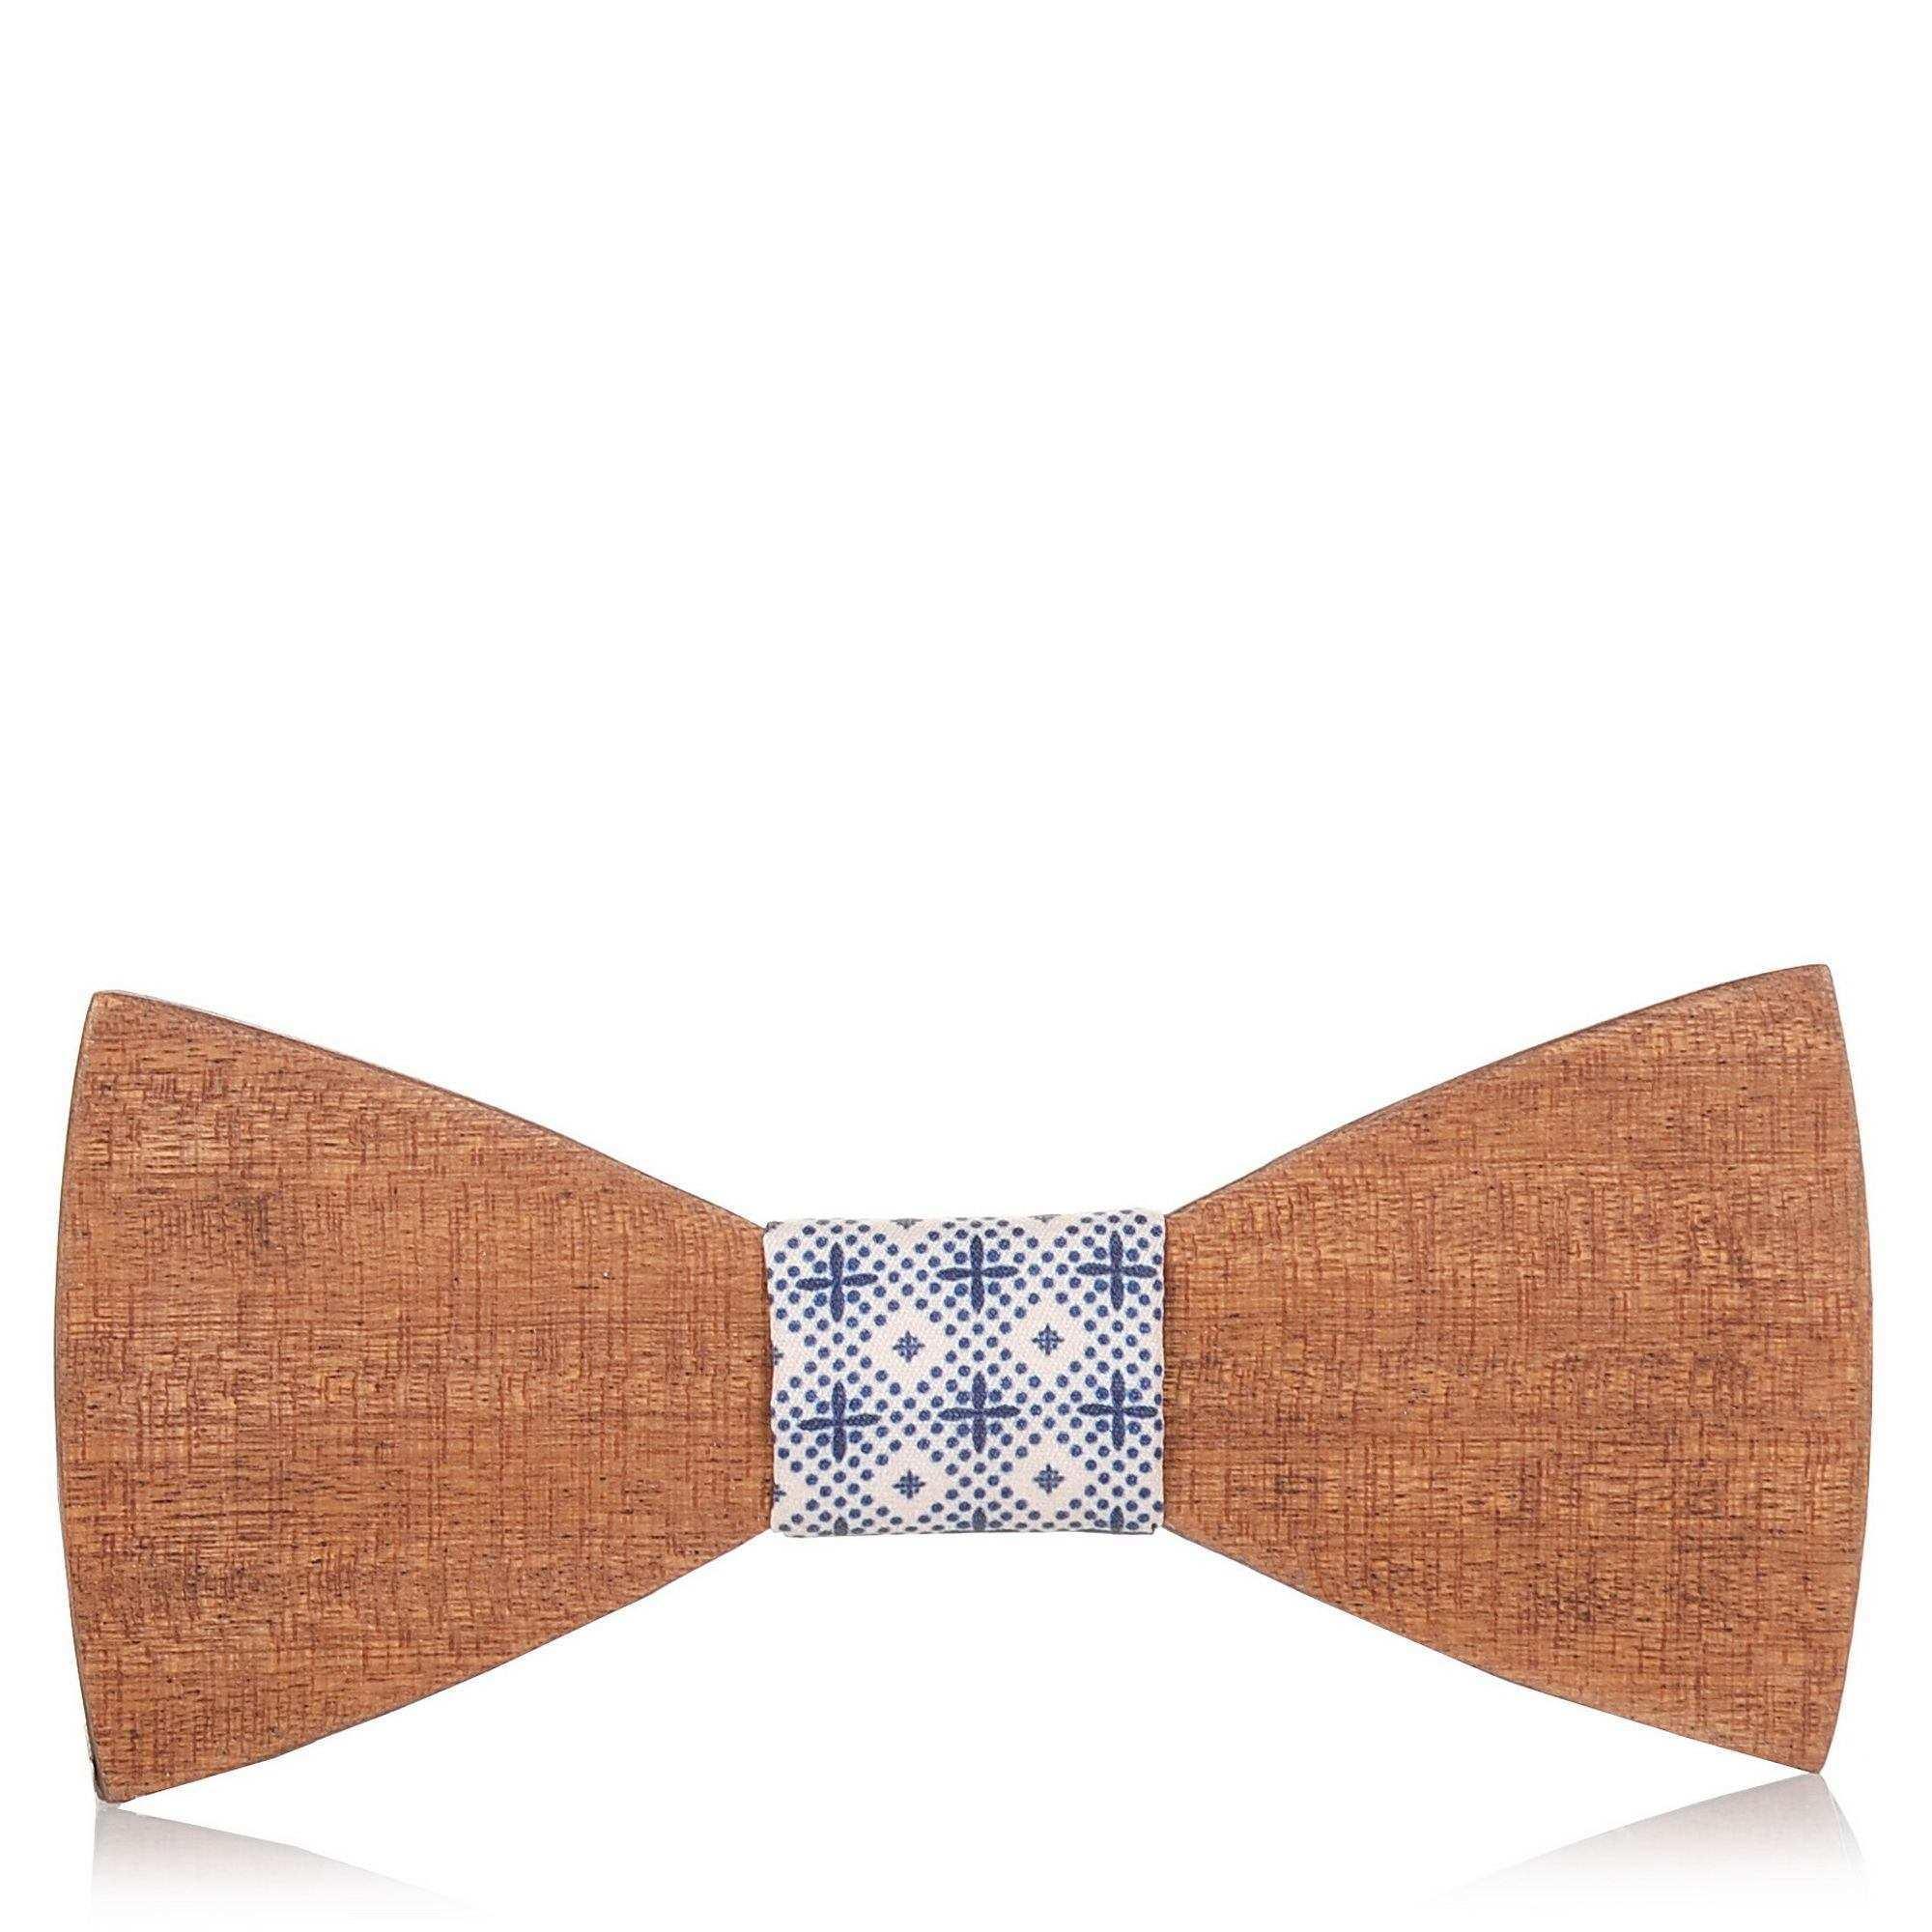 Ξύλινο Παπιγιόν 27 Wooden Accessories 004 ανδρας   παπιγιόν